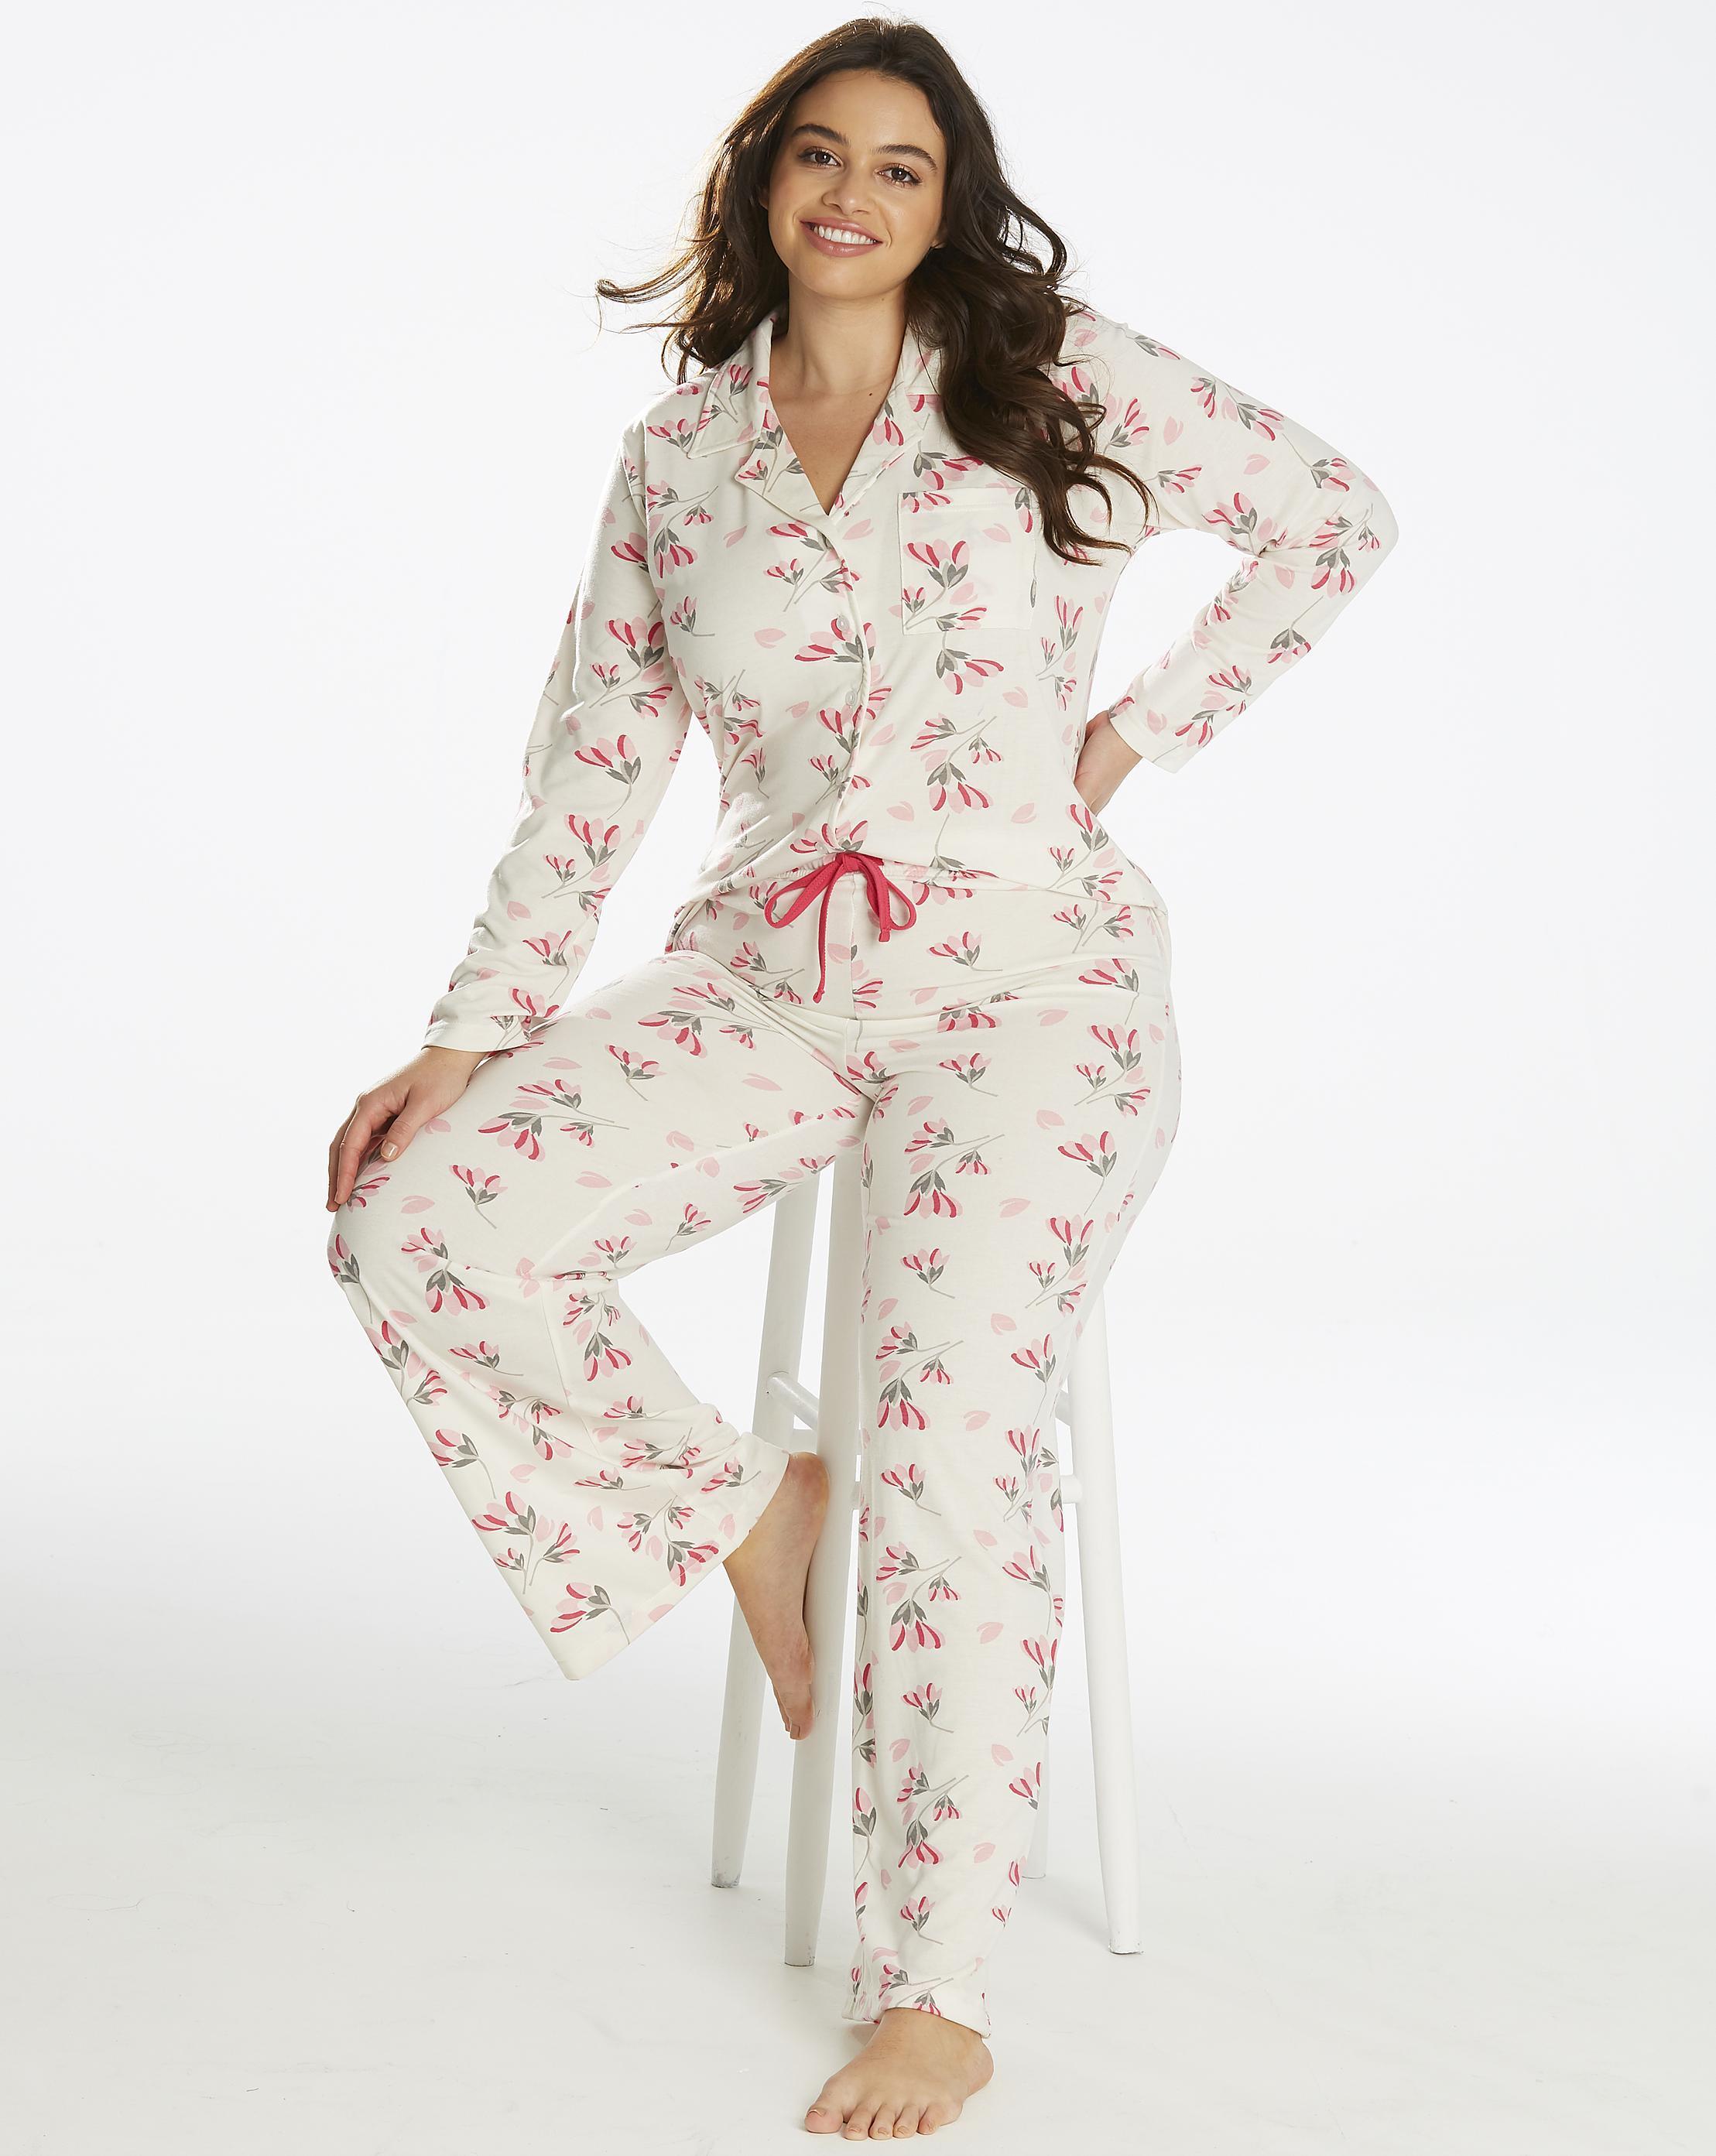 82295a6071 Lyst simply be pretty secrets button front pyjamas jpg 2217x2786 Pretty  secrets nightwear